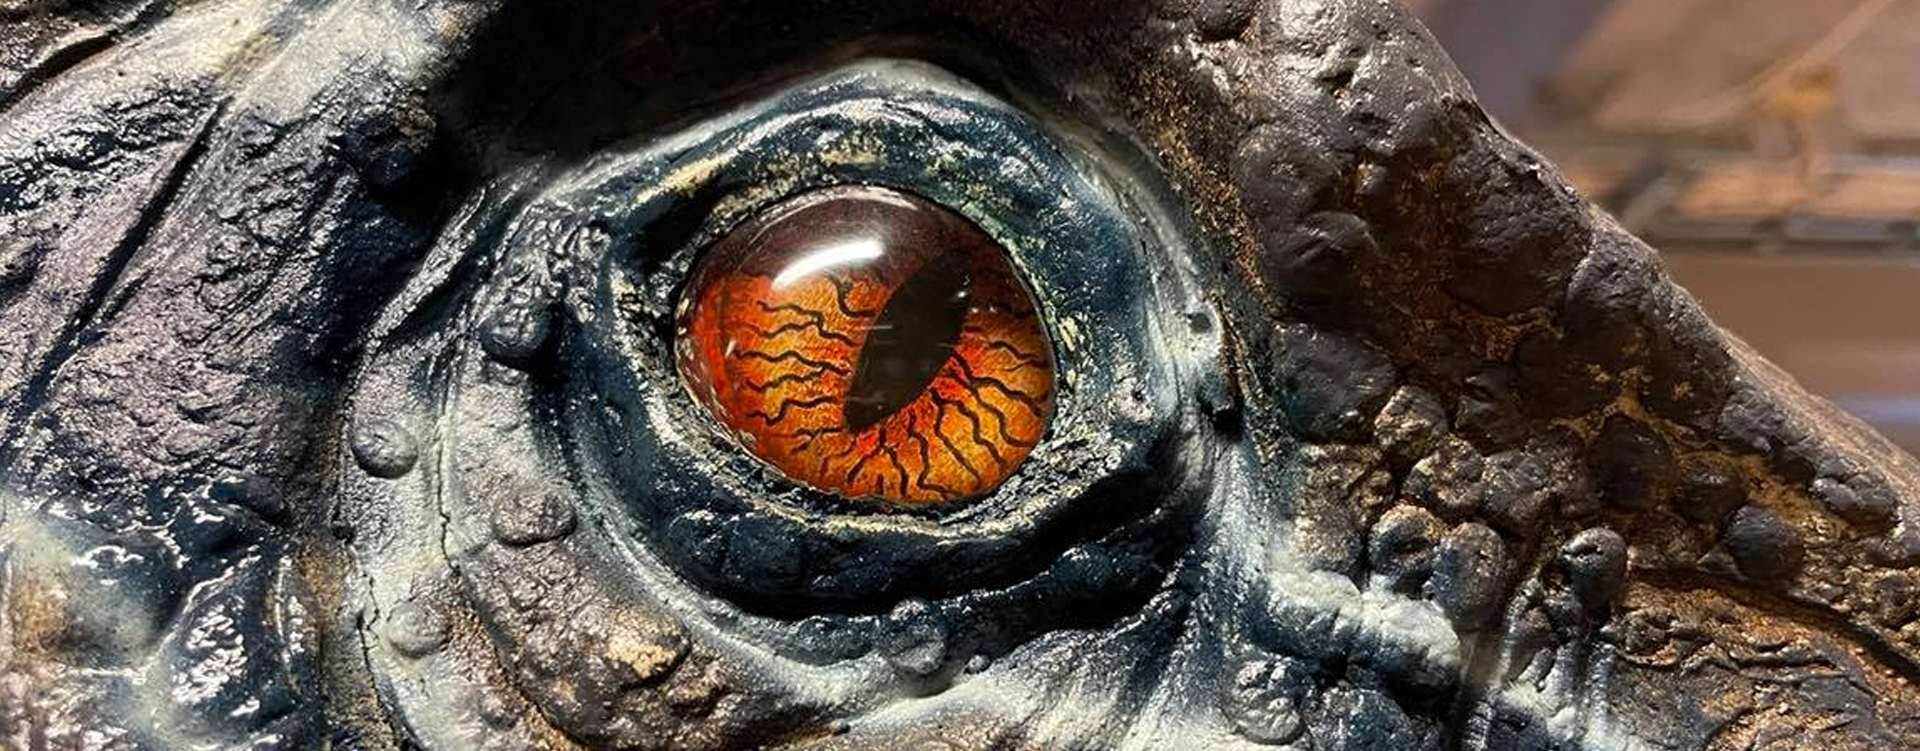 Närbild på dinosaurieöga